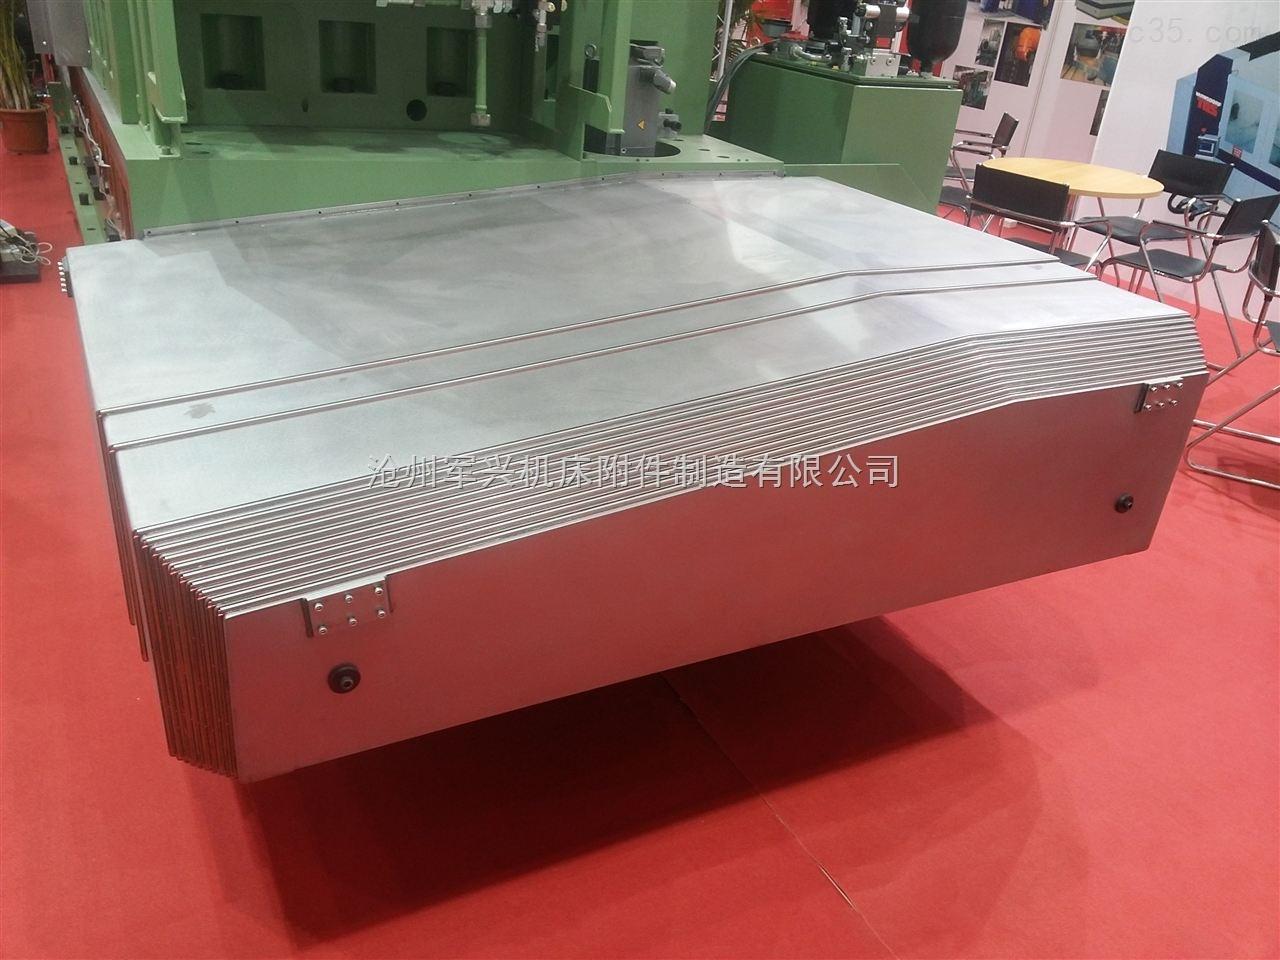 机床钢板不锈钢防护罩厂家